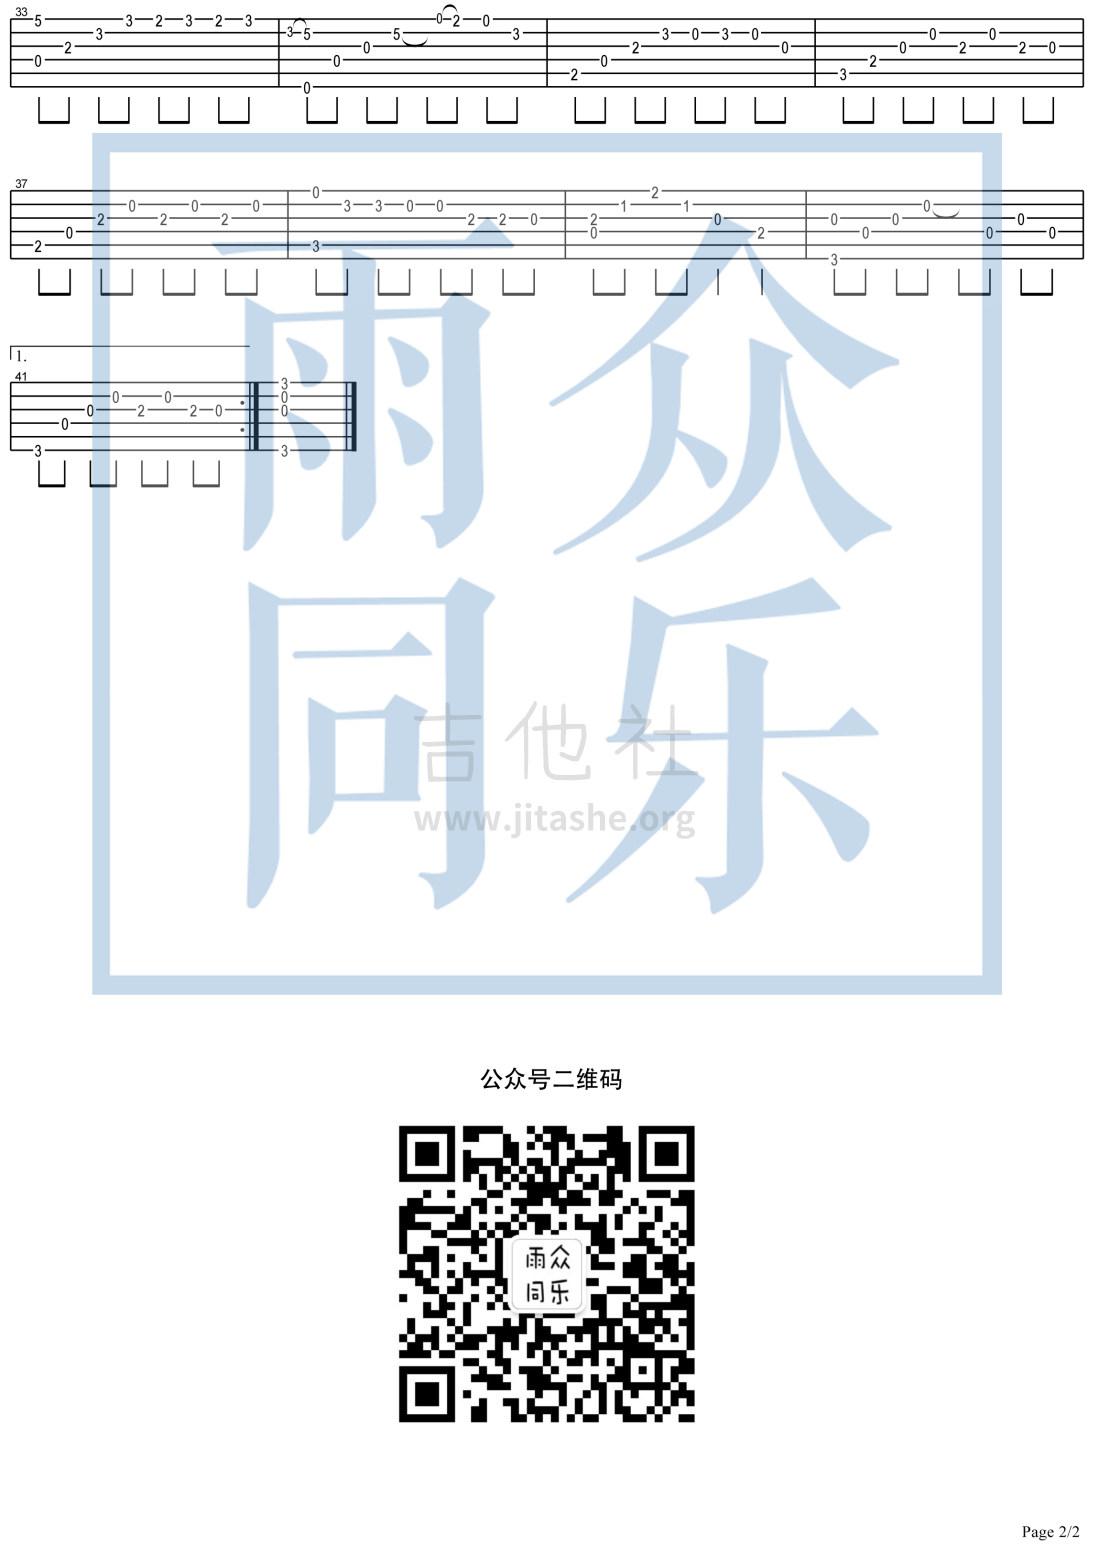 离人吉他谱(图片谱,指弹,独奏)_张学友(Jacky Cheung)_离人 独奏-2.jpg